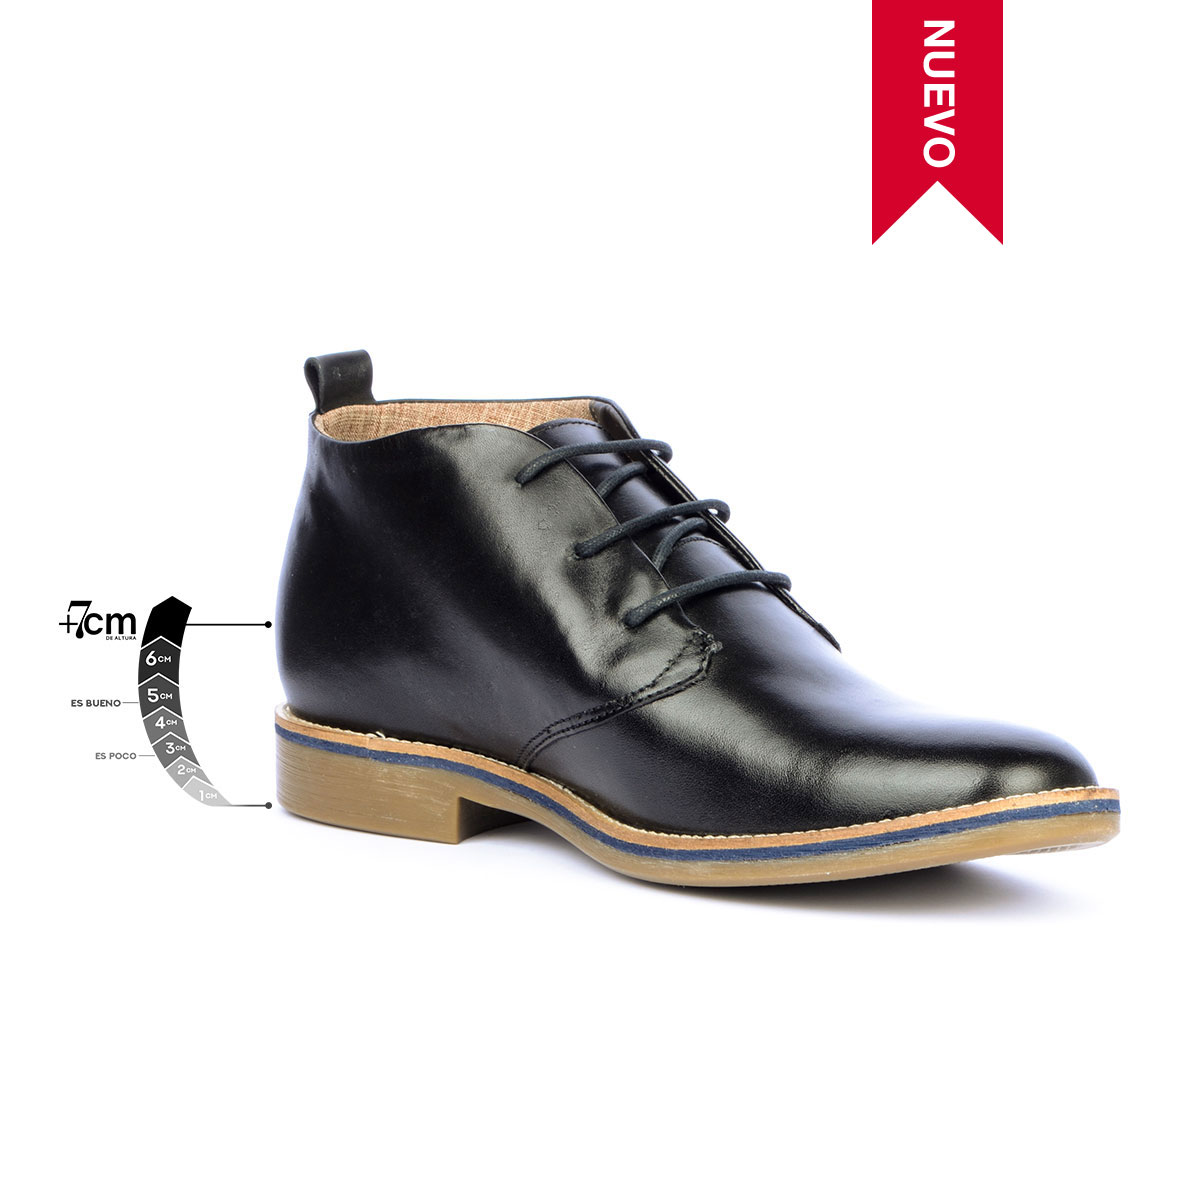 Botín Casual Indiana Negro Max Denegri + 7cms de Altura_76277